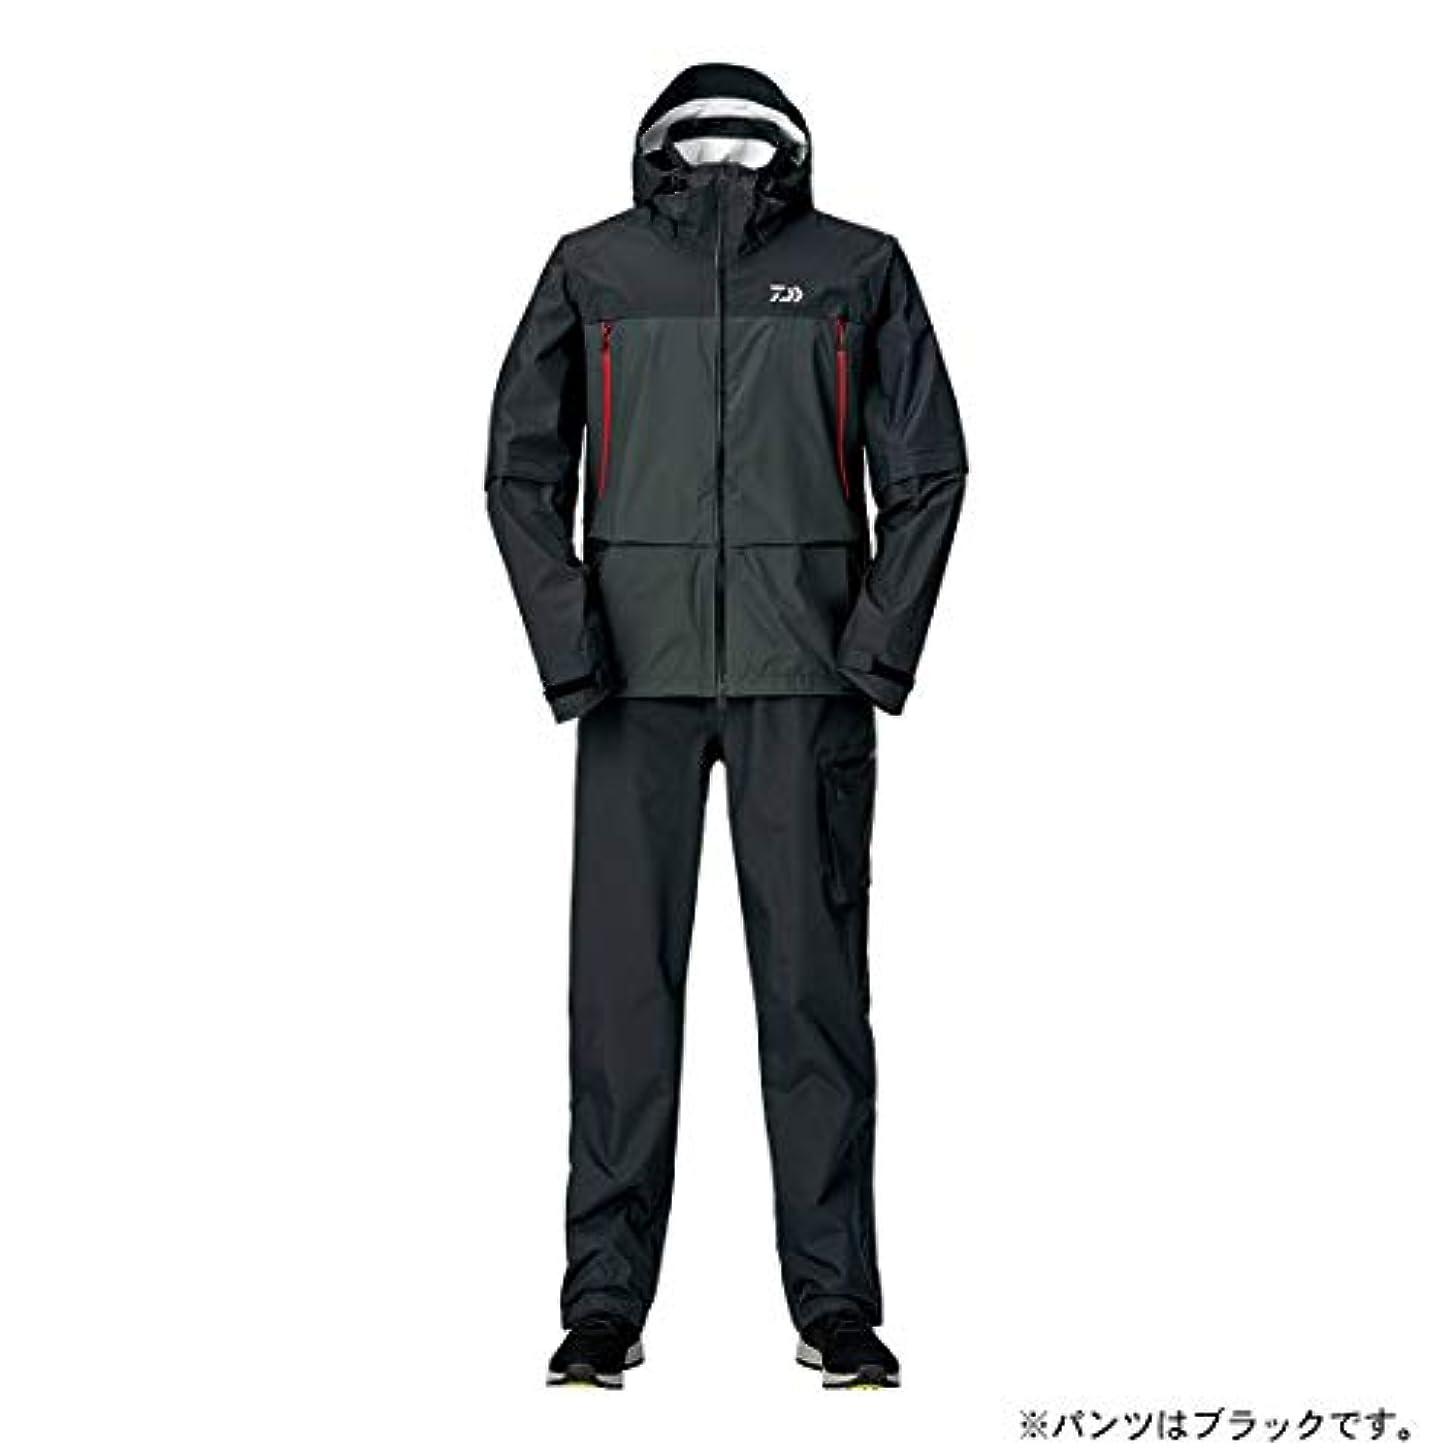 親優越協会ダイワ(DAIWA) レインマックス デタッチャブルレインスーツ DR-30009 ブラック M